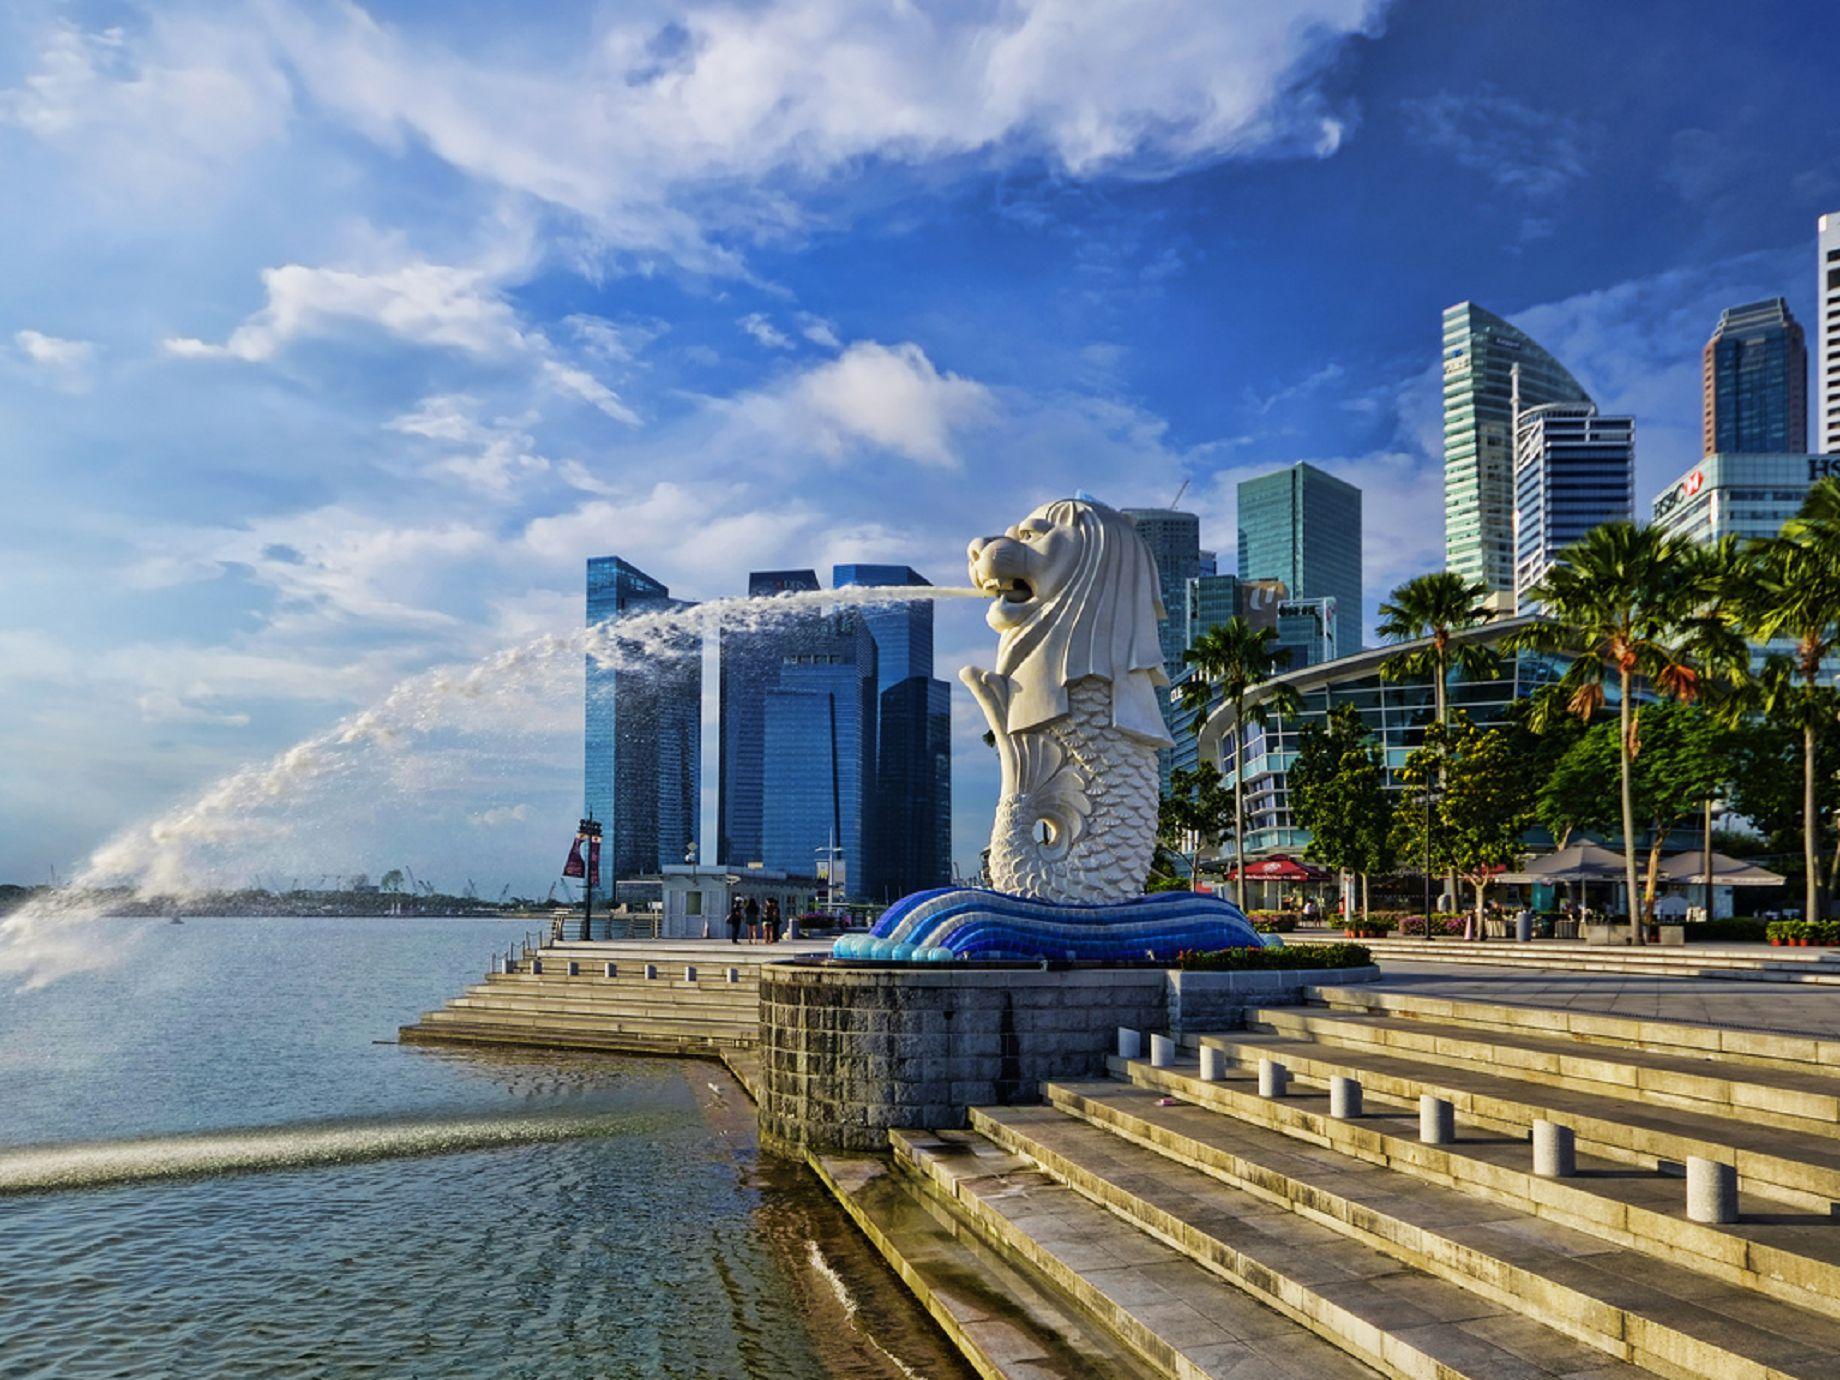 新加坡央行看準區塊鏈技術,已完成數位貨幣試驗